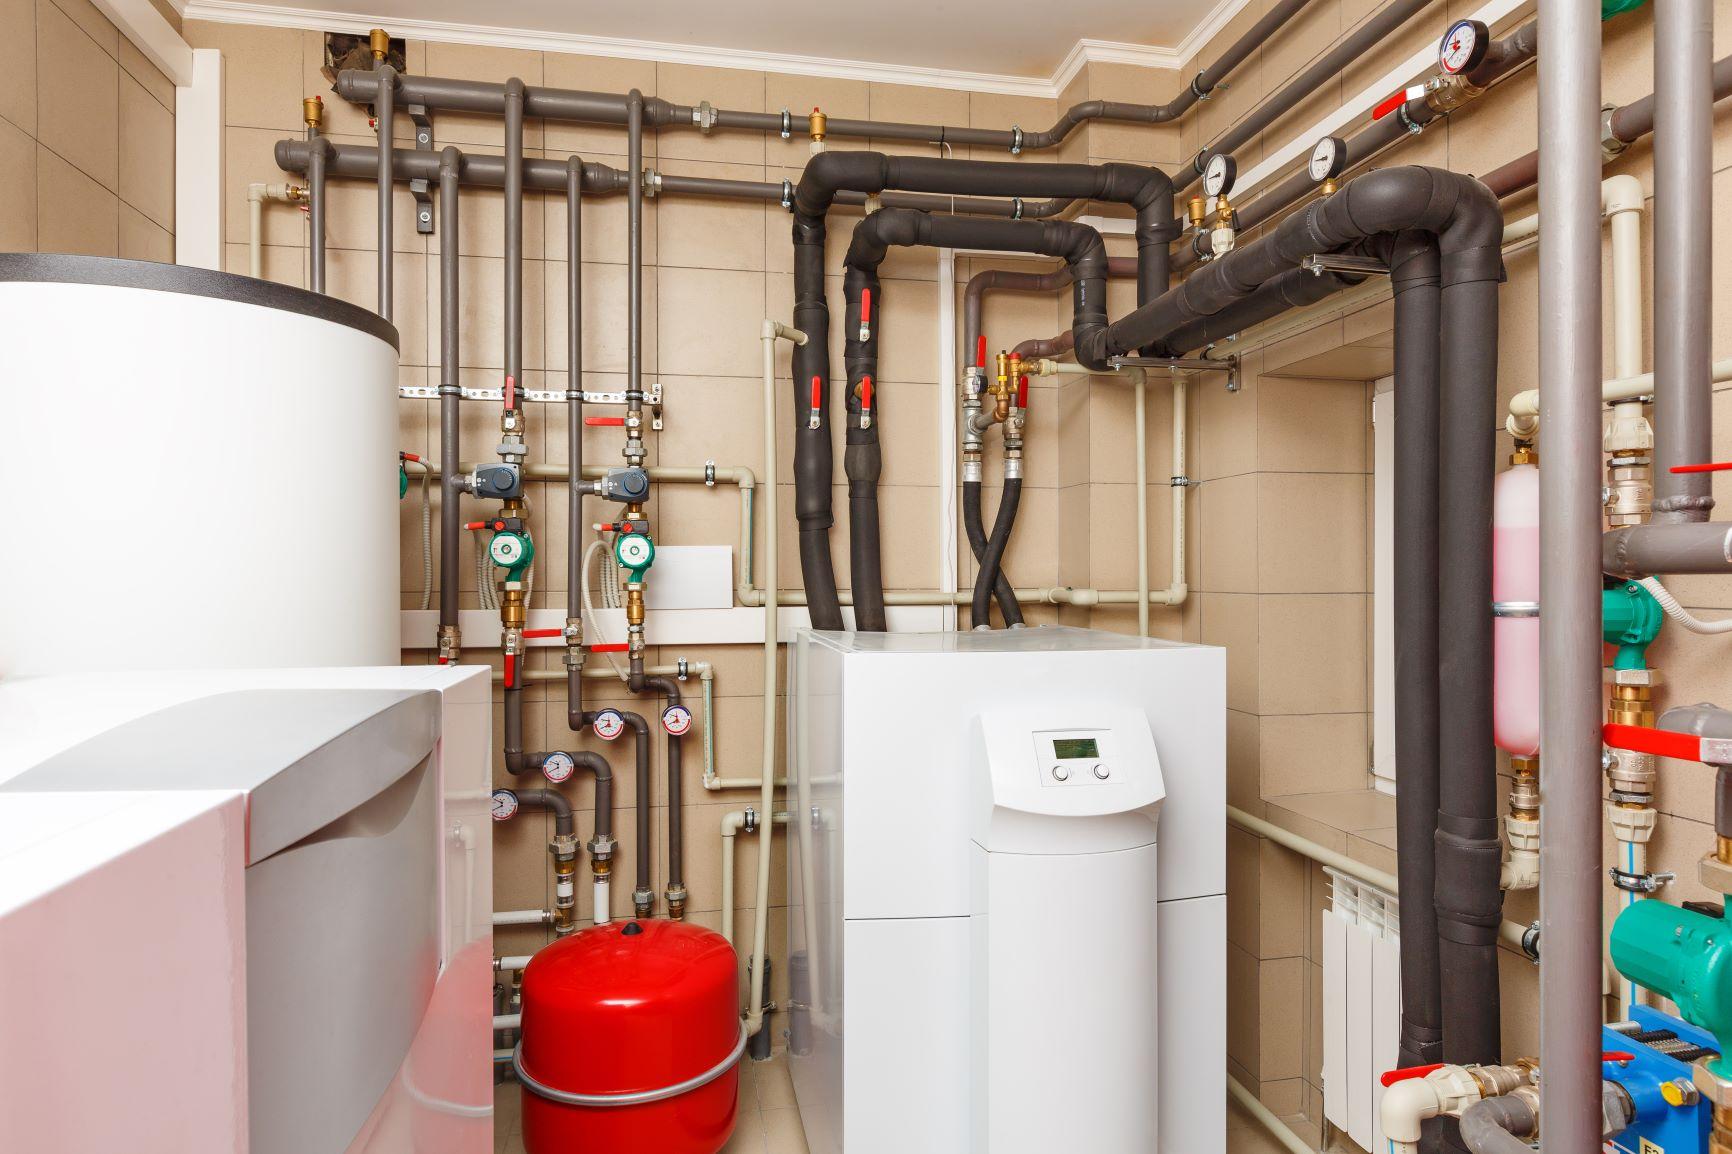 Warmtepompen met elektrisch element